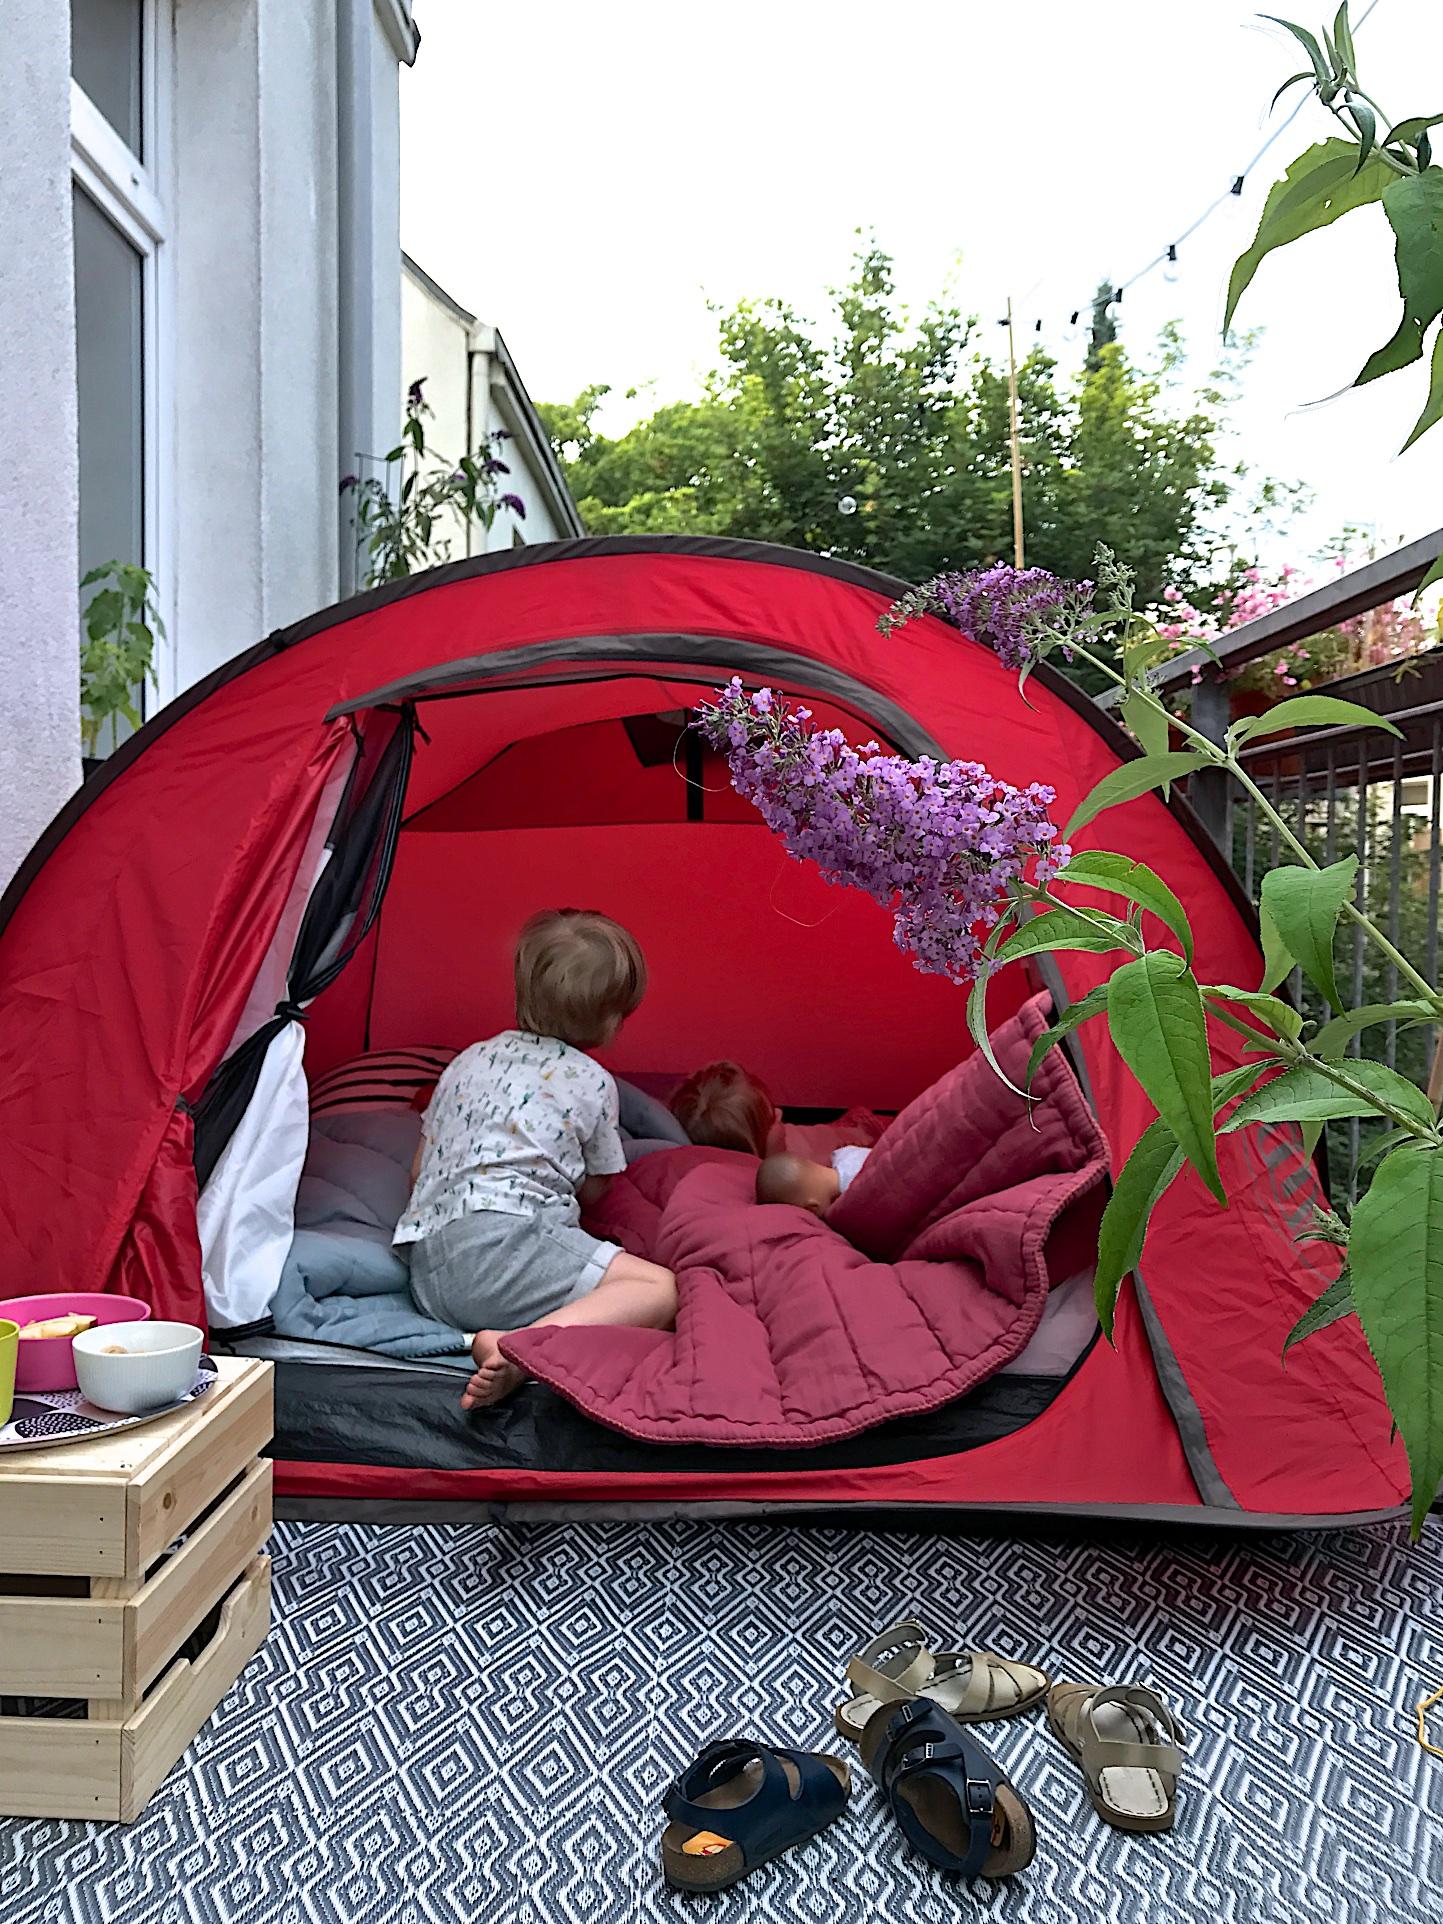 Zelten auf dem Balkon